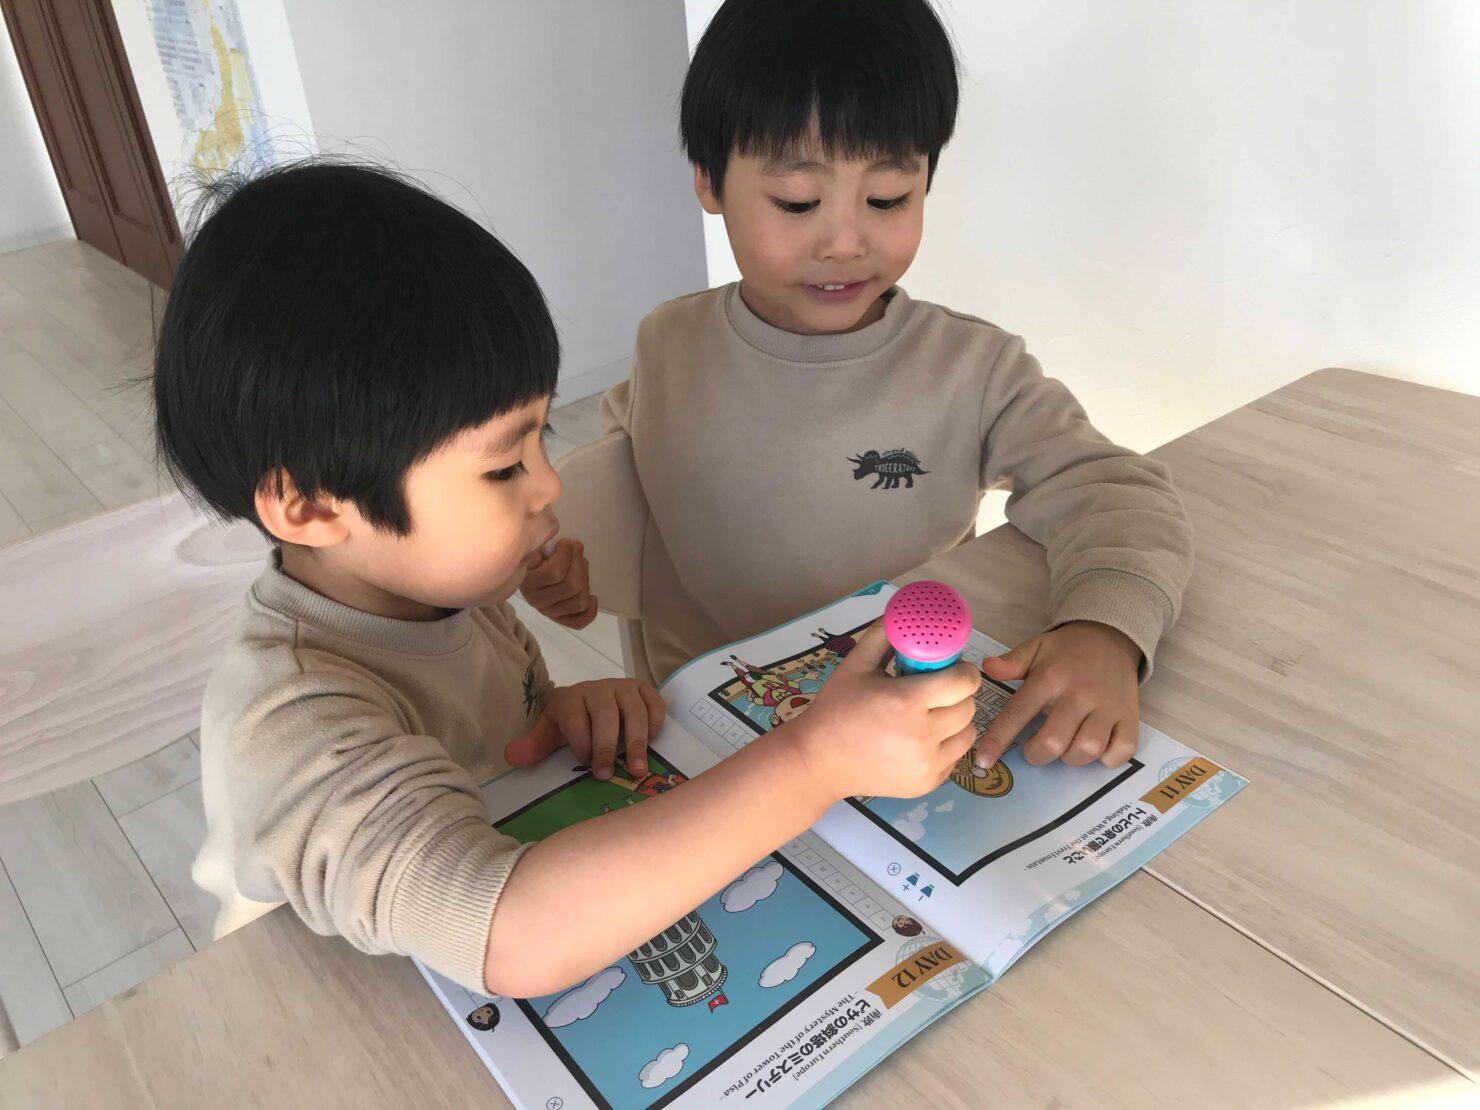 小学校の英語教育が2020年にスタート! 幼児期に身につけたい英語力とは?